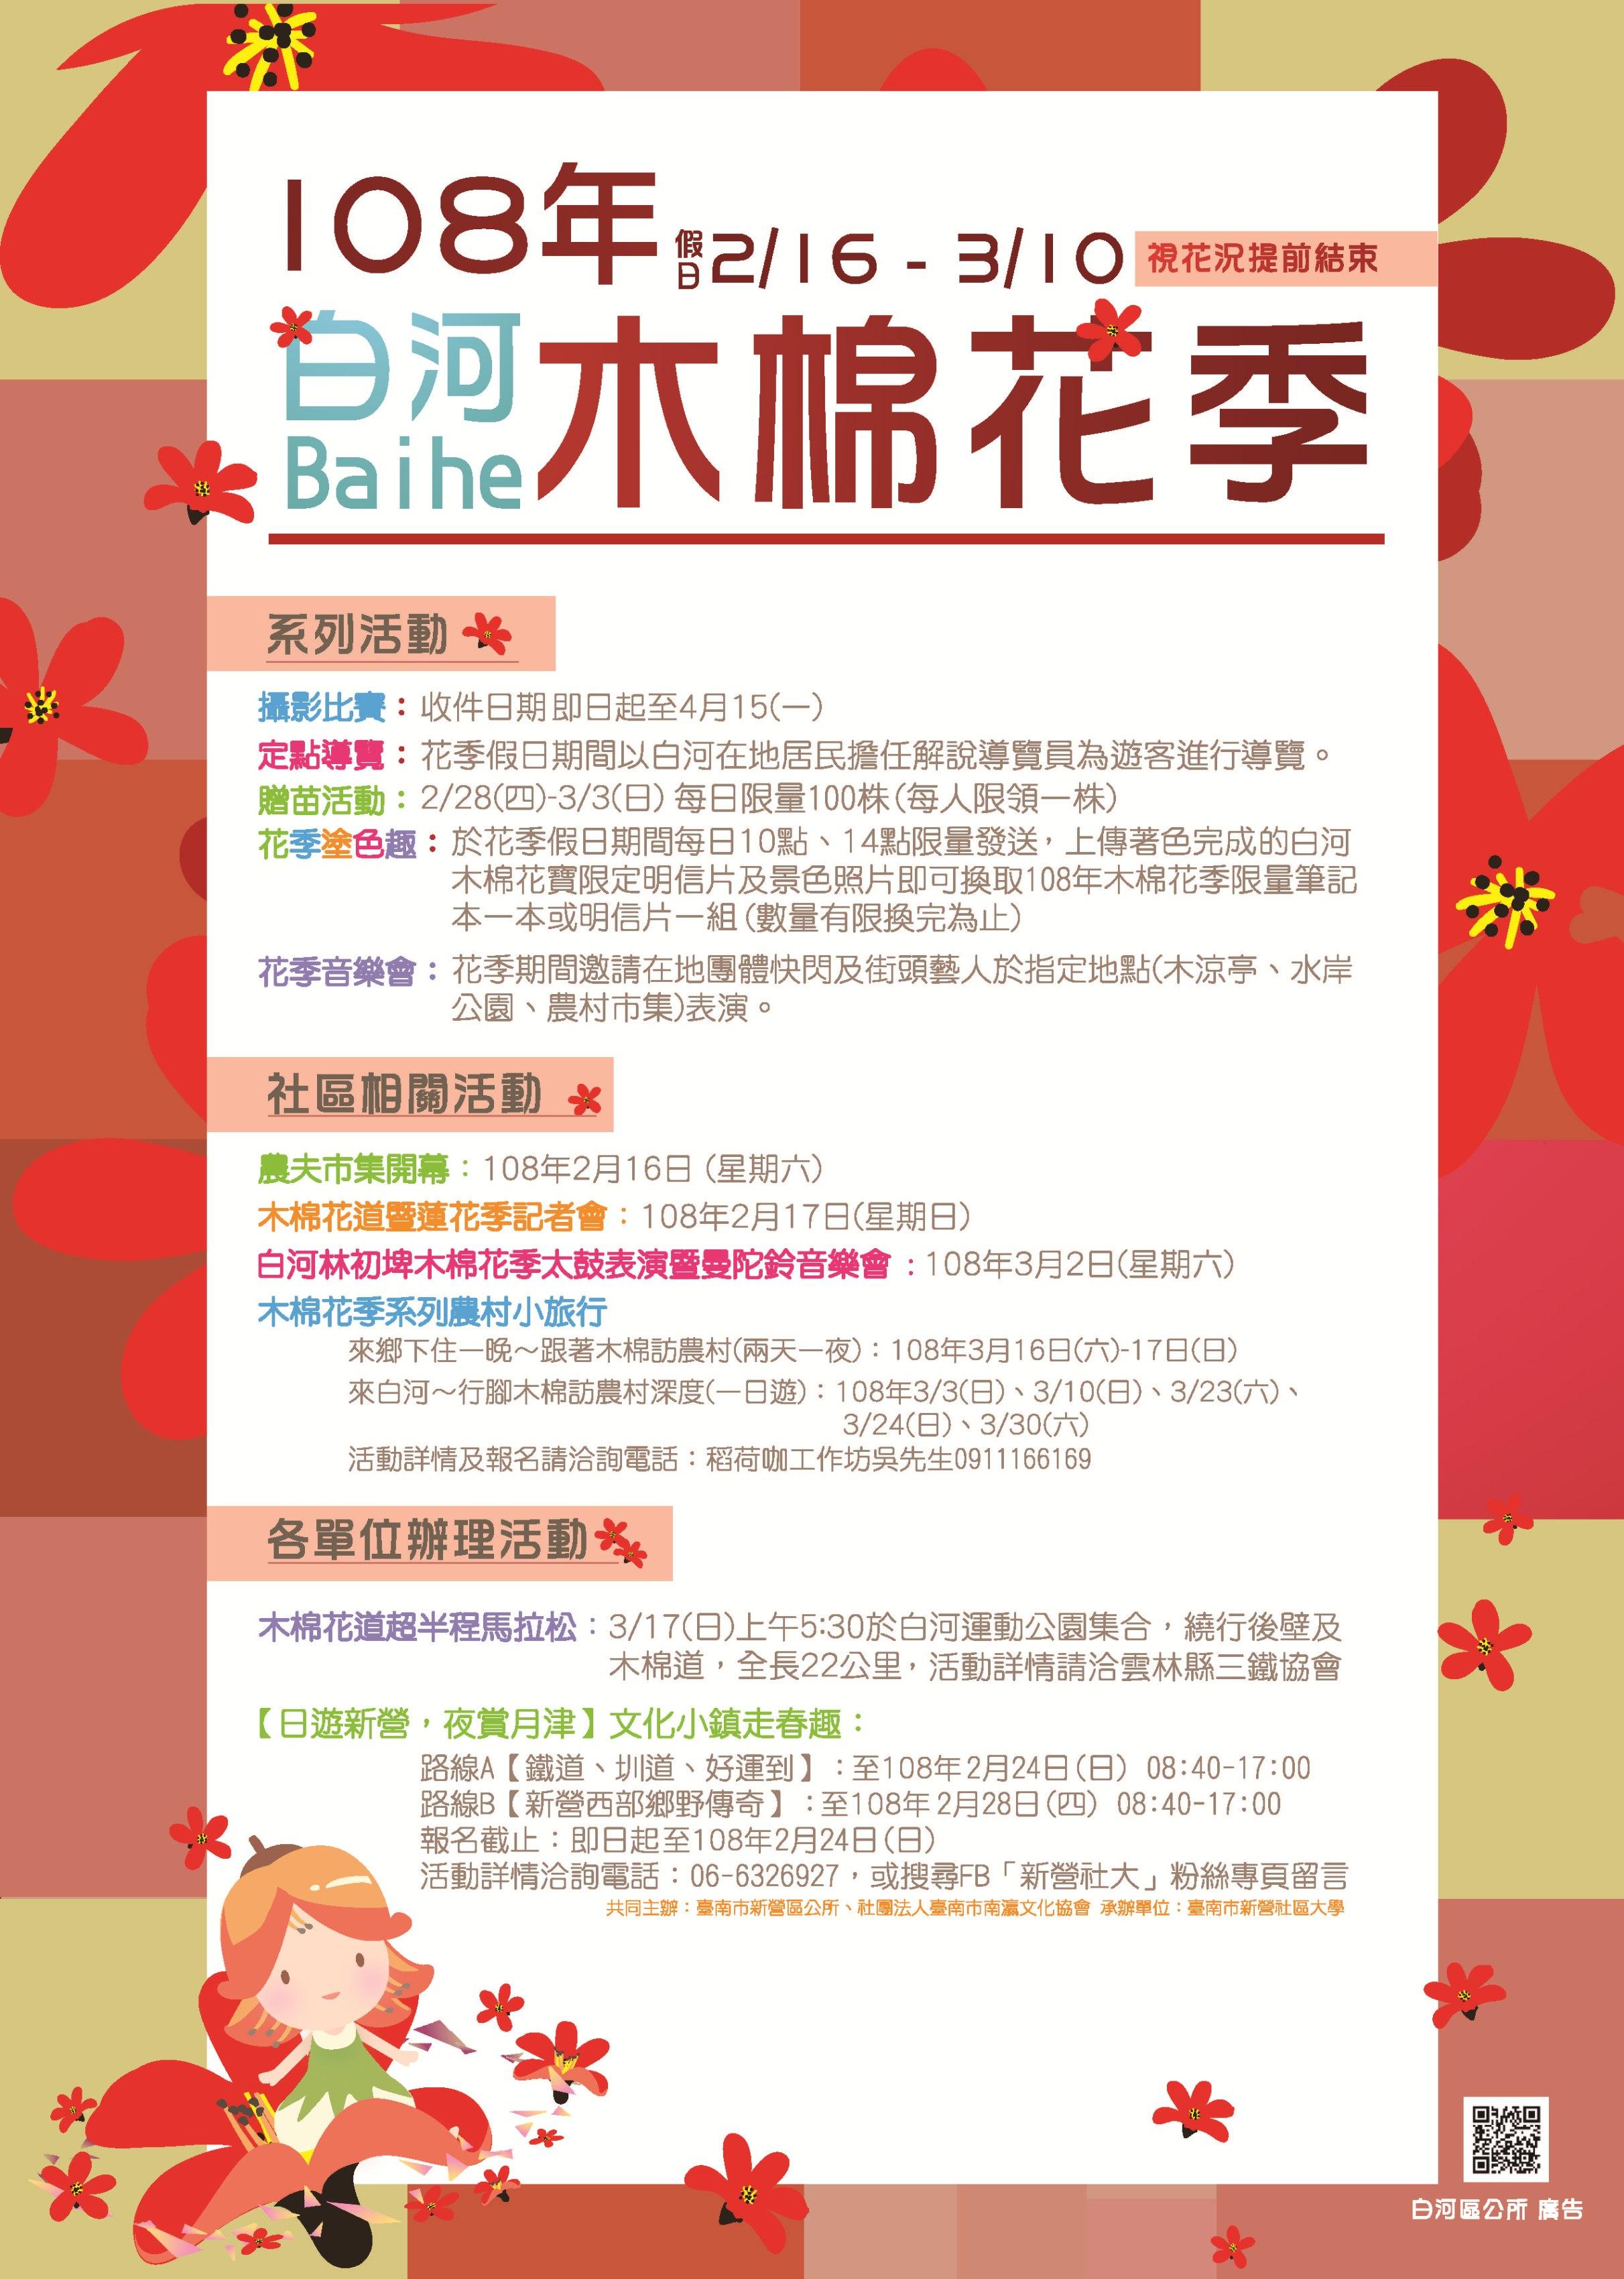 木棉花節系列活動表